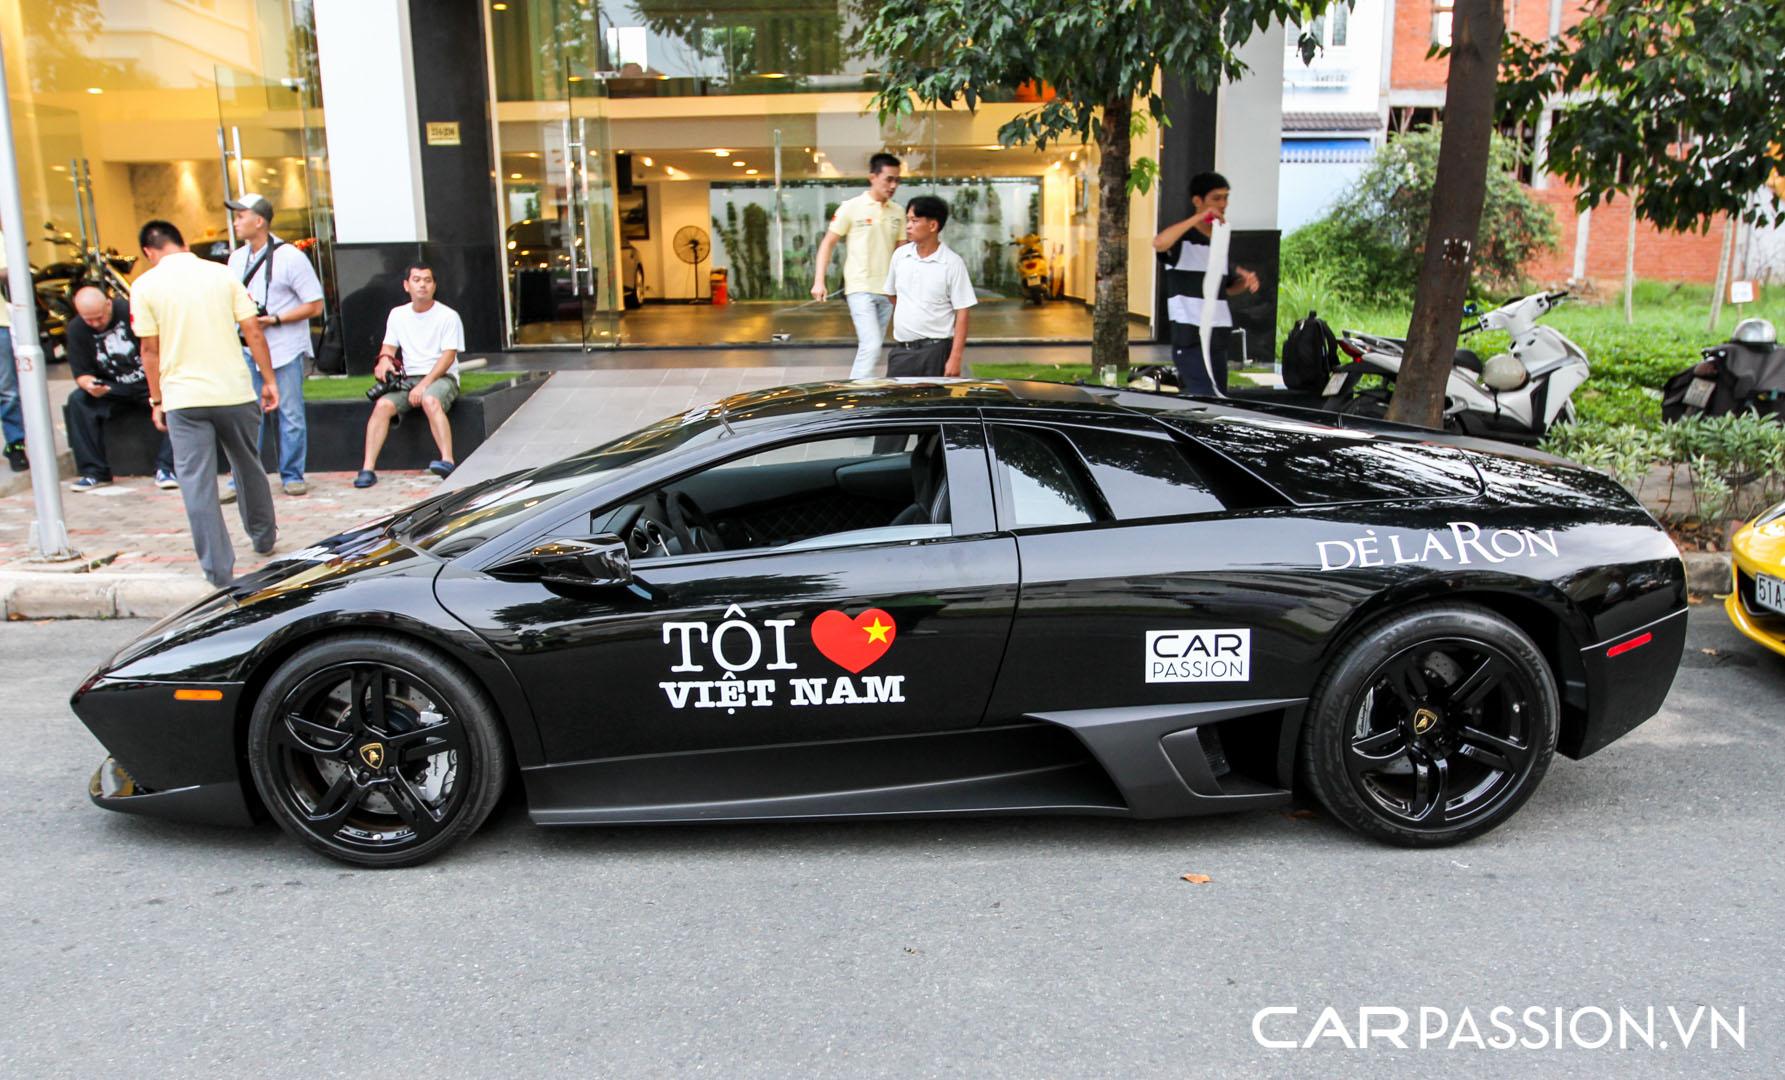 CP-Hành trình siêu xe CarPassion 2011 (5).jpg